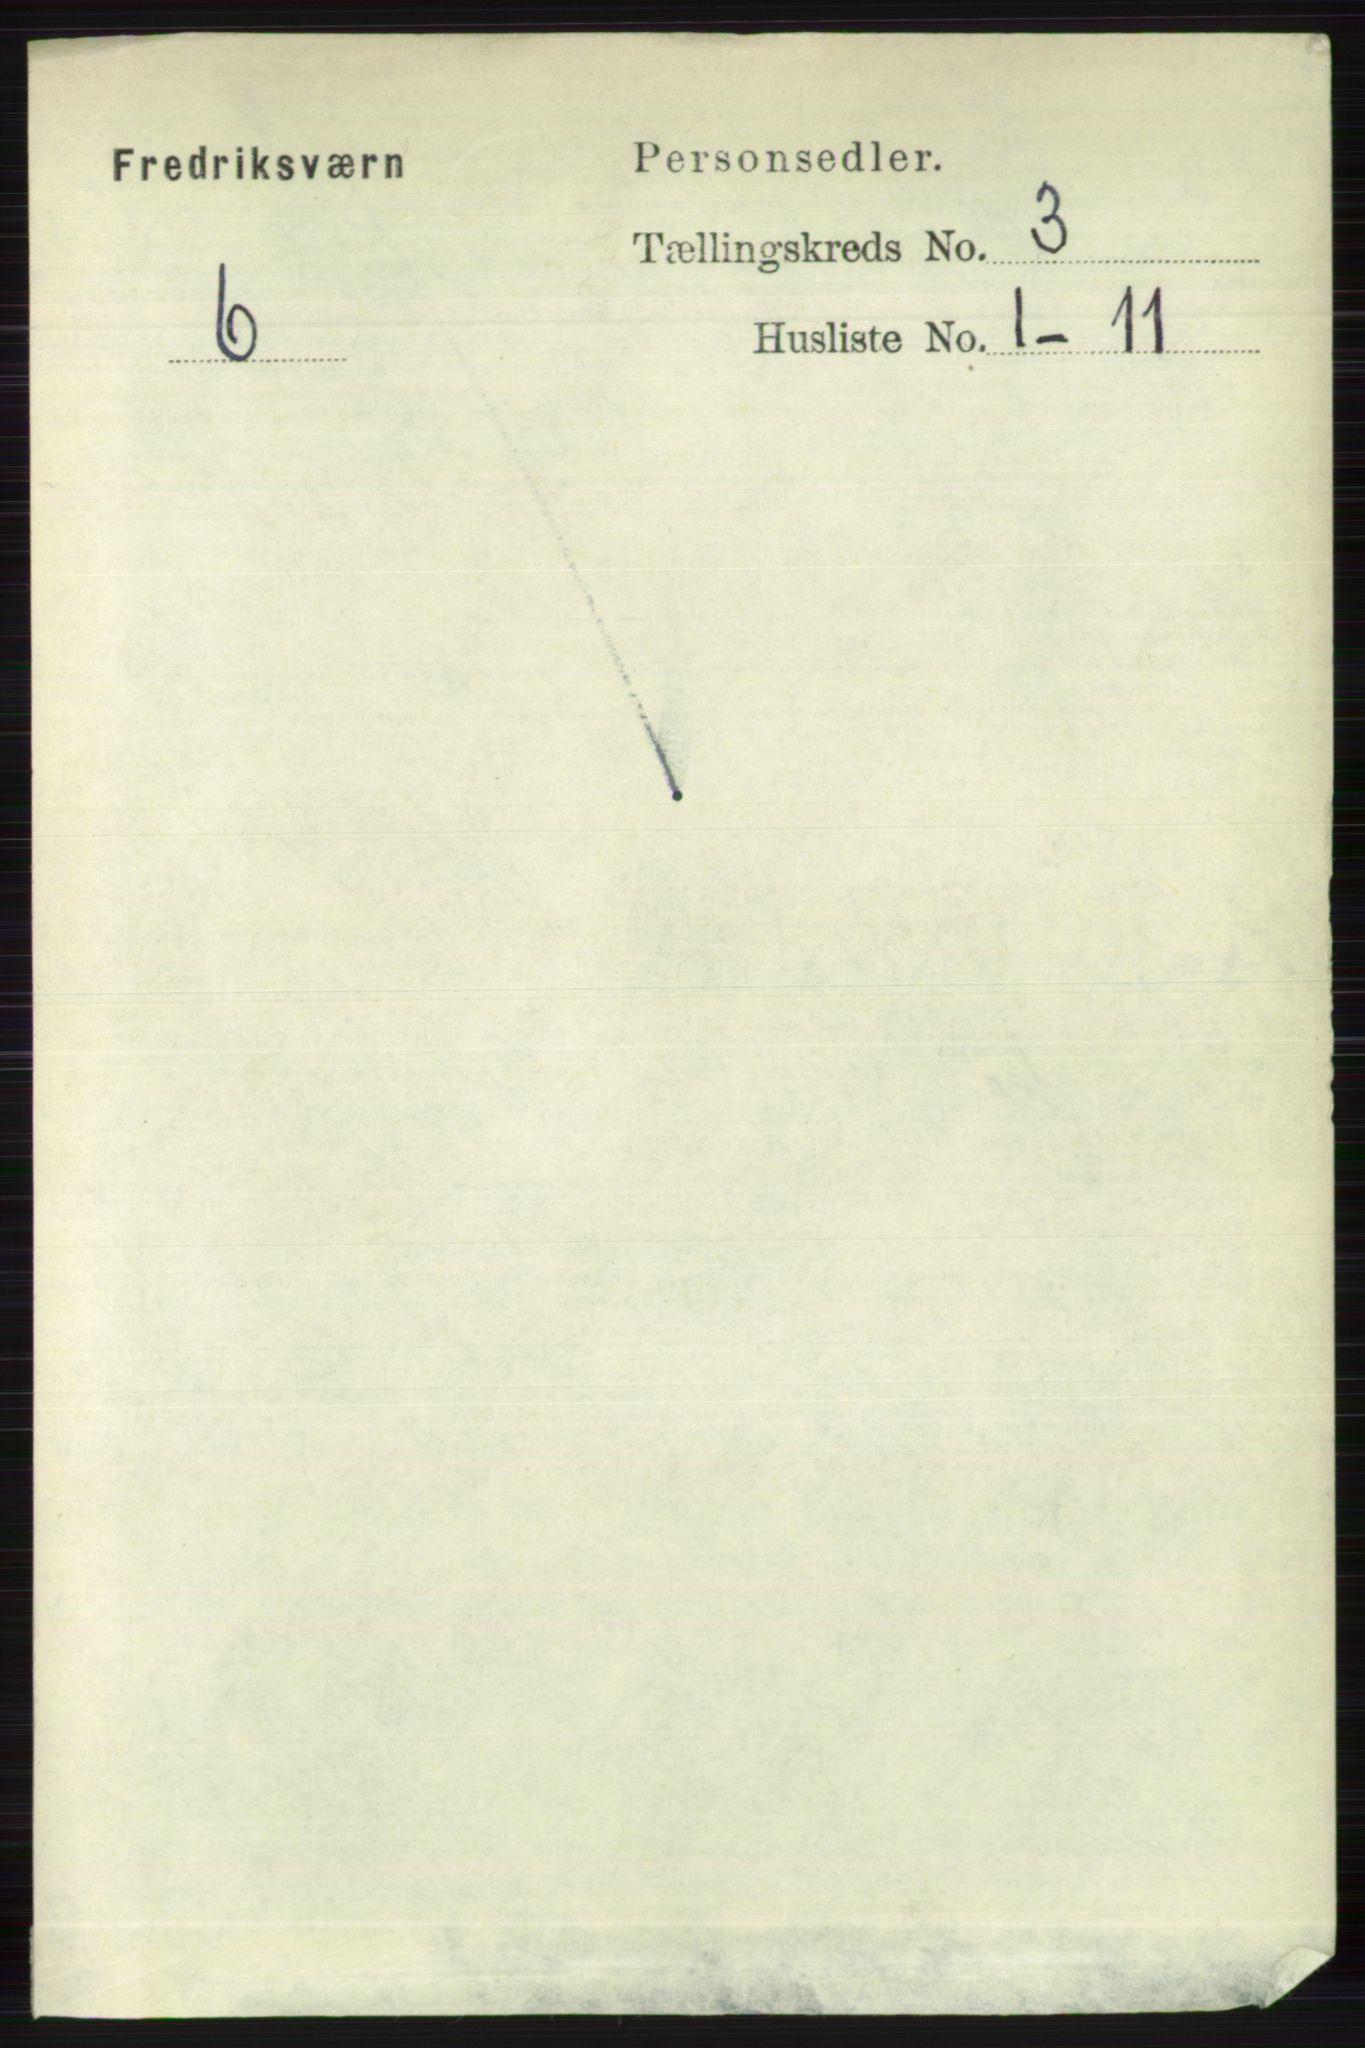 RA, Folketelling 1891 for 0798 Fredriksvern herred, 1891, s. 455